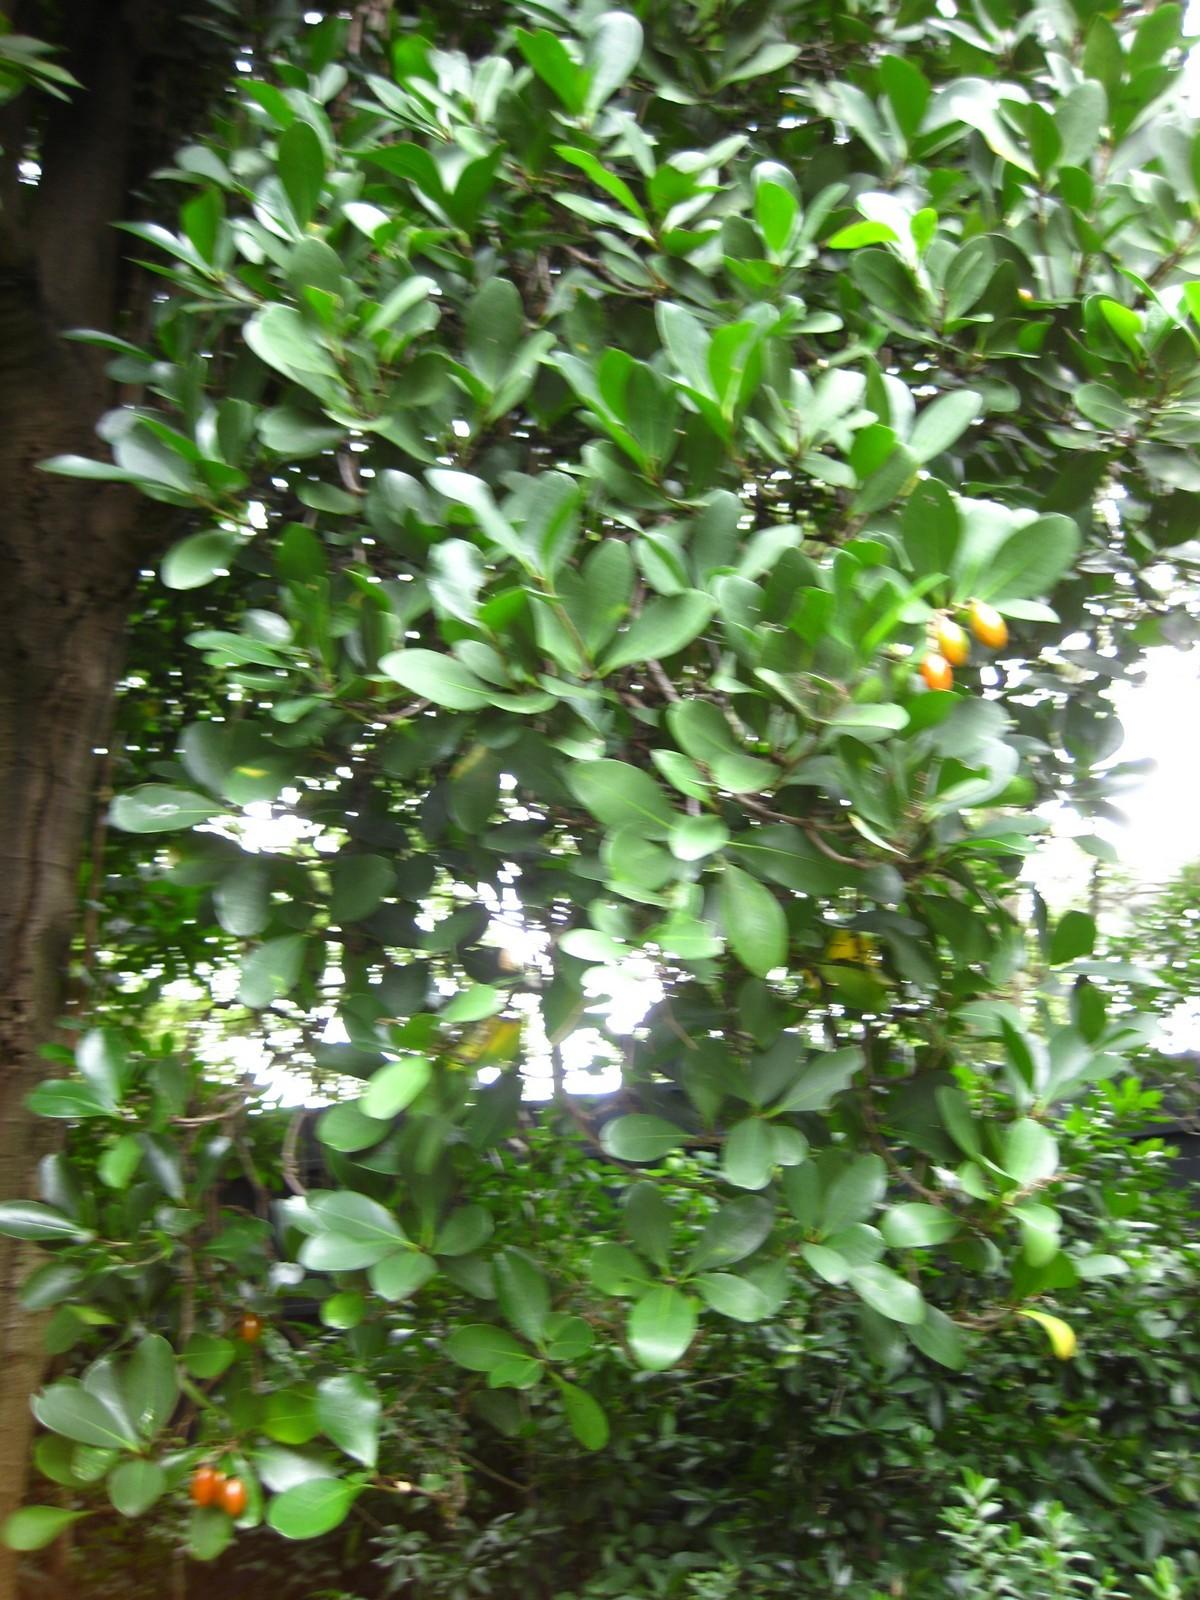 Image of karaka nut